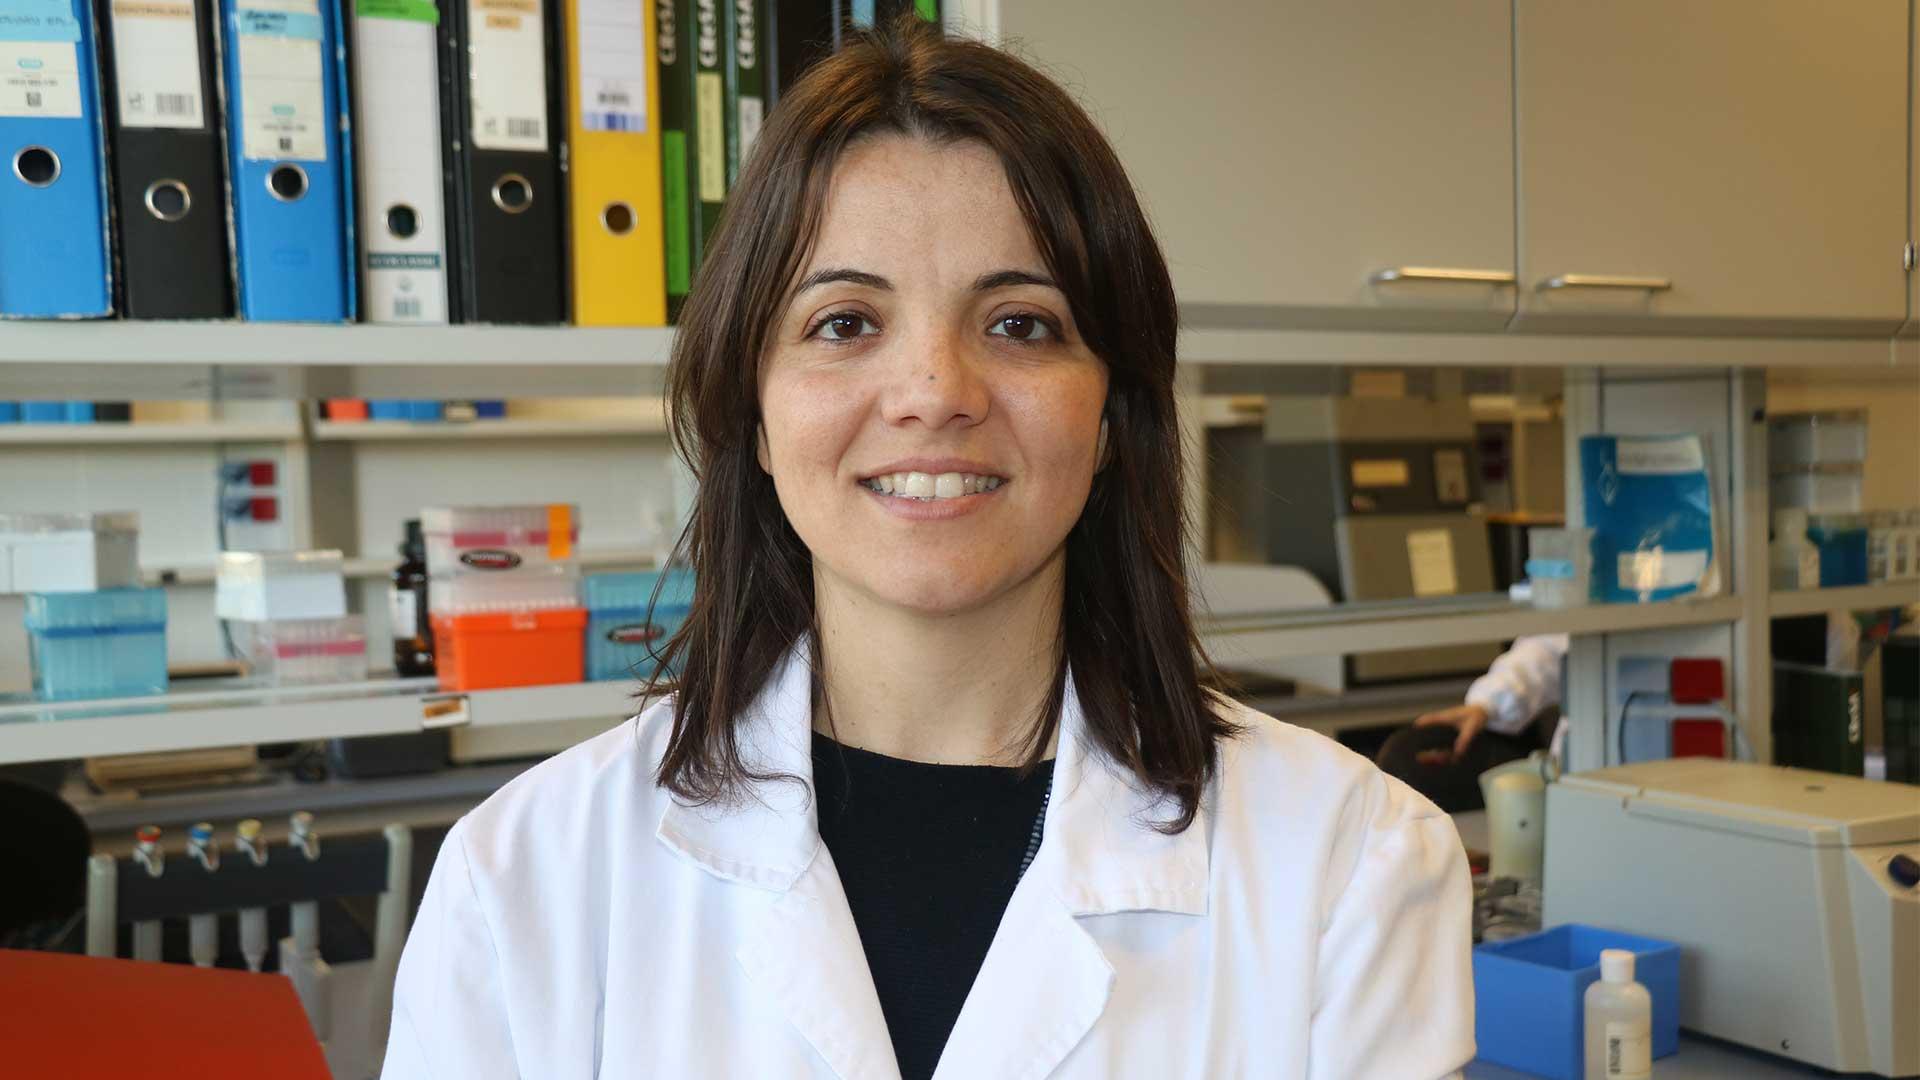 Test in vivo COVID-19 Dra. Vergara